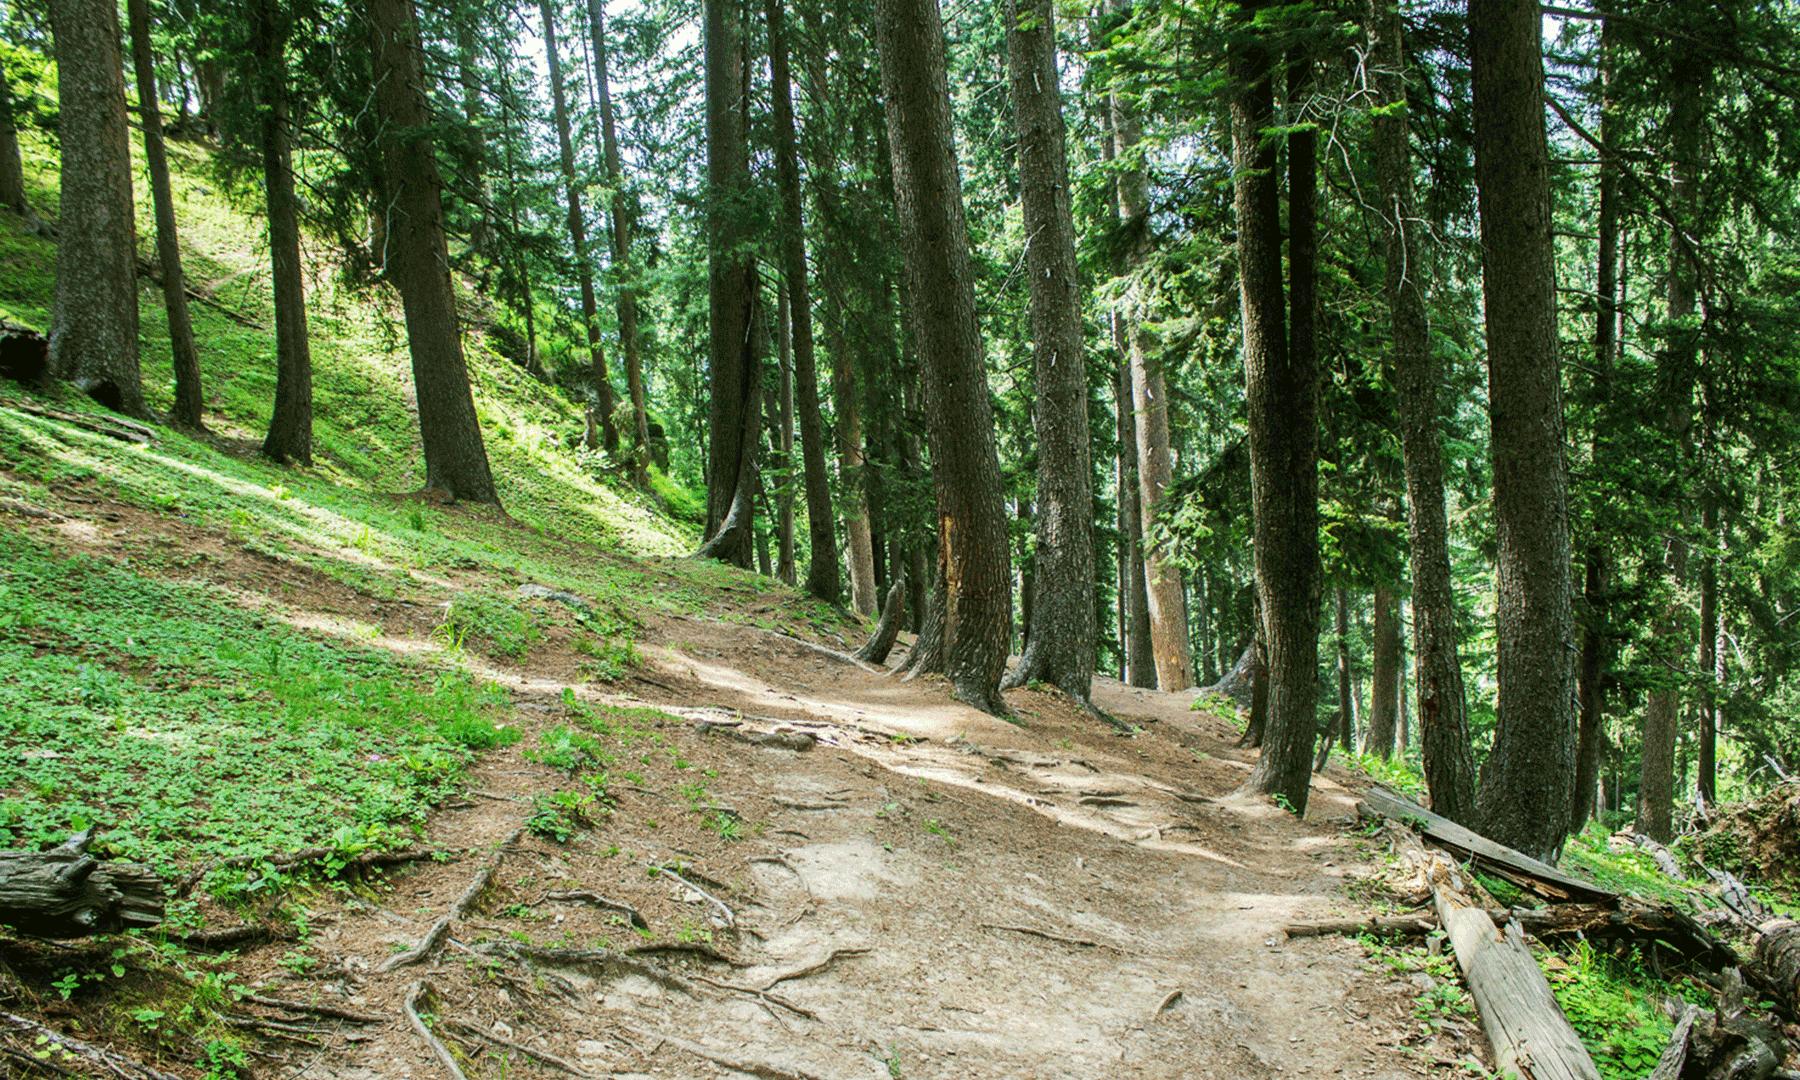 جندری سے جہاز بانڈہ کو جانے والا ٹریک انتہائی خوبصورت اور گھنے جنگل پر مشتمل ہے